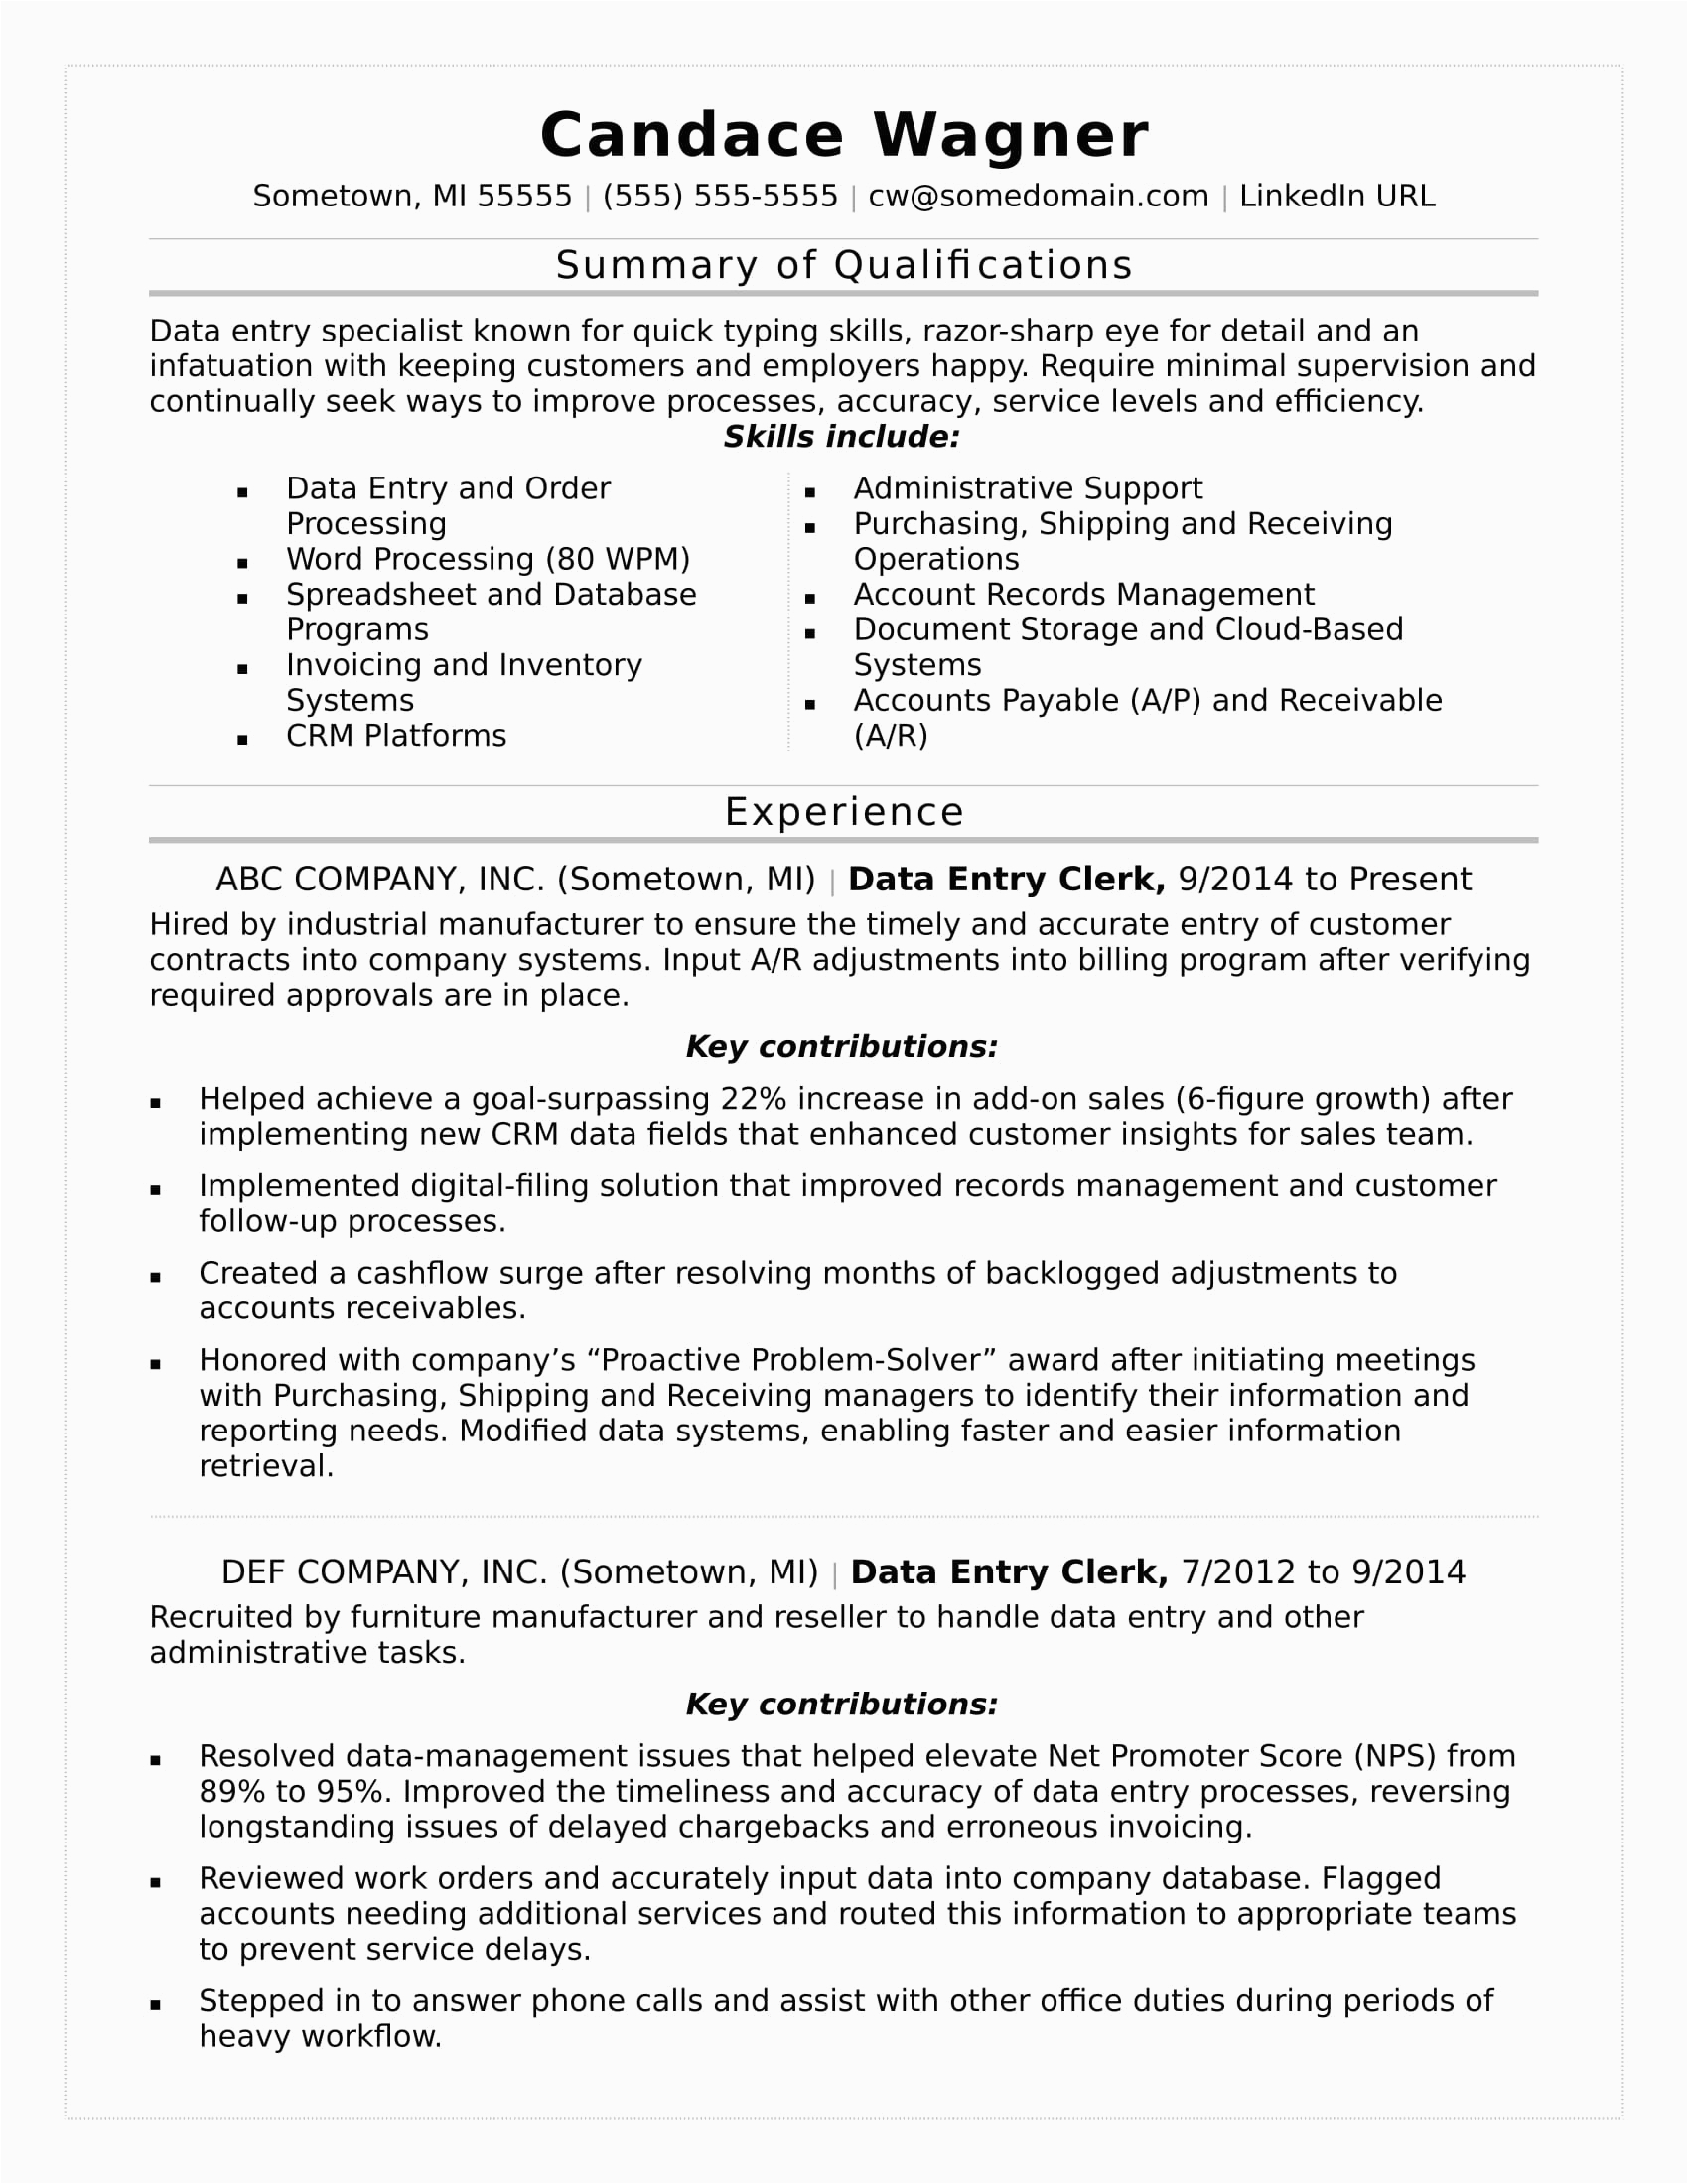 Data Entry Job Description Resume Sample Data Entry Resume Sample